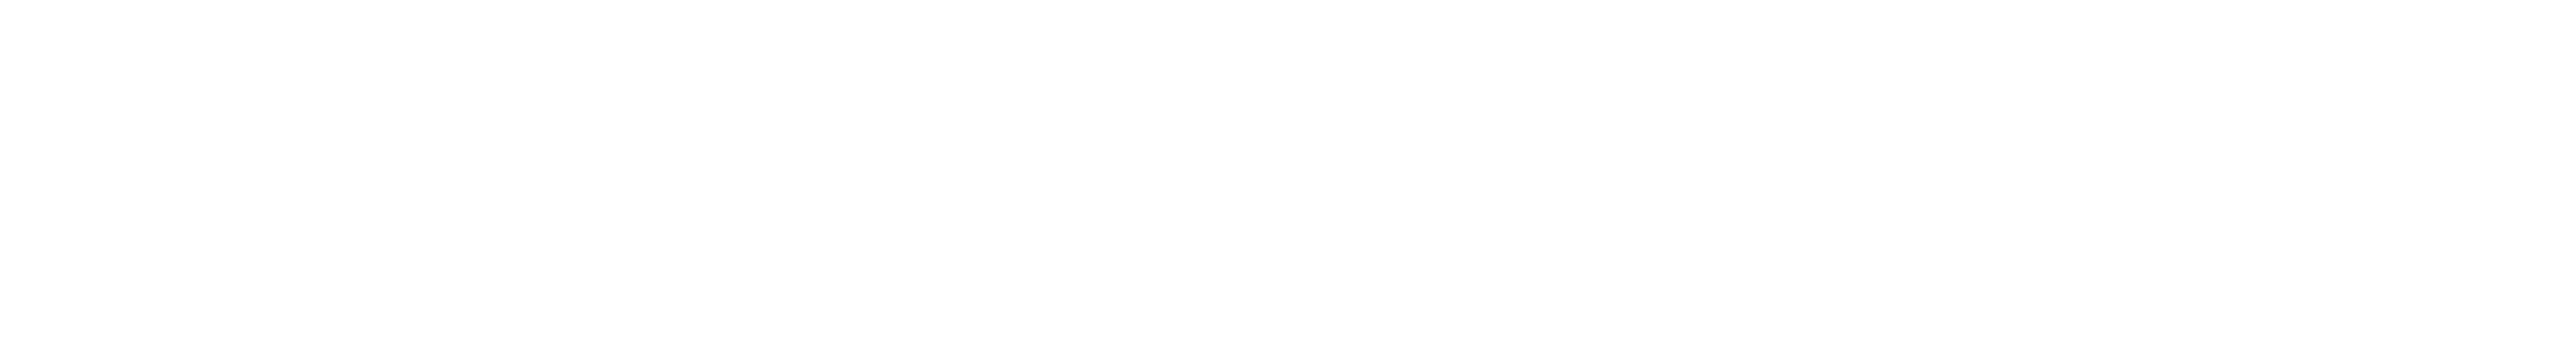 ザ・バニシング -消失-